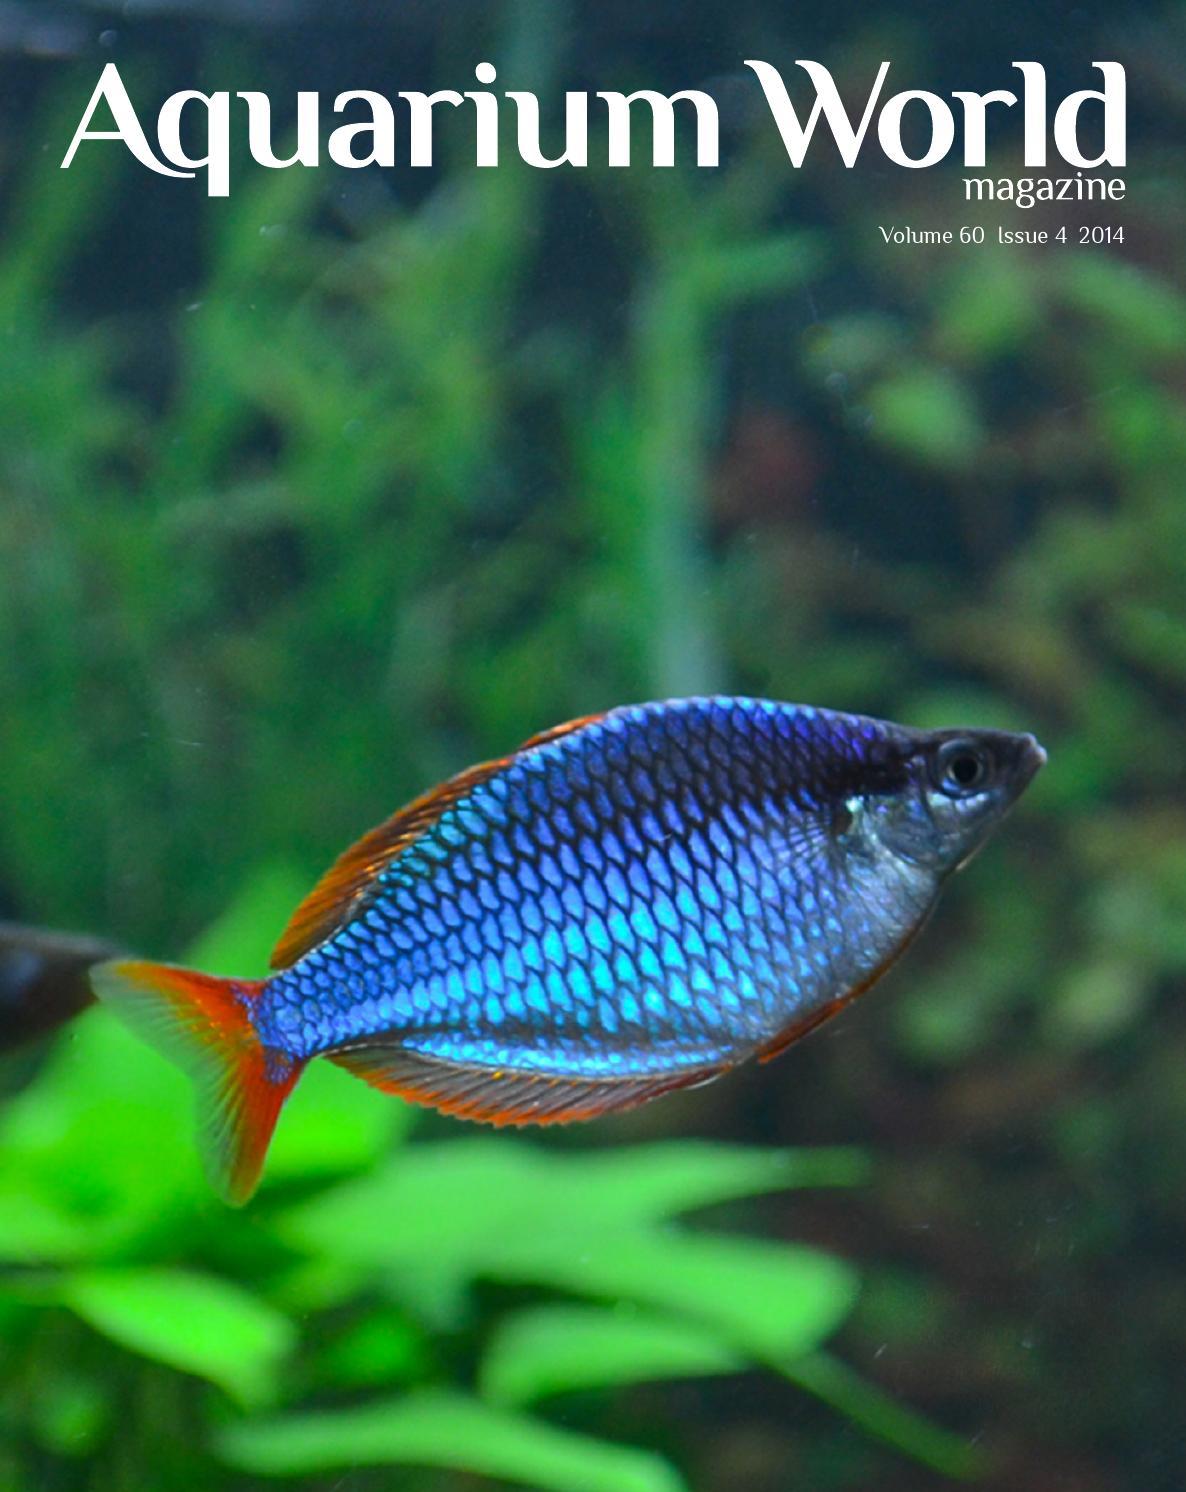 89542a9d6e43 Aquarium World Magazine August 2014 by FNZAS - issuu